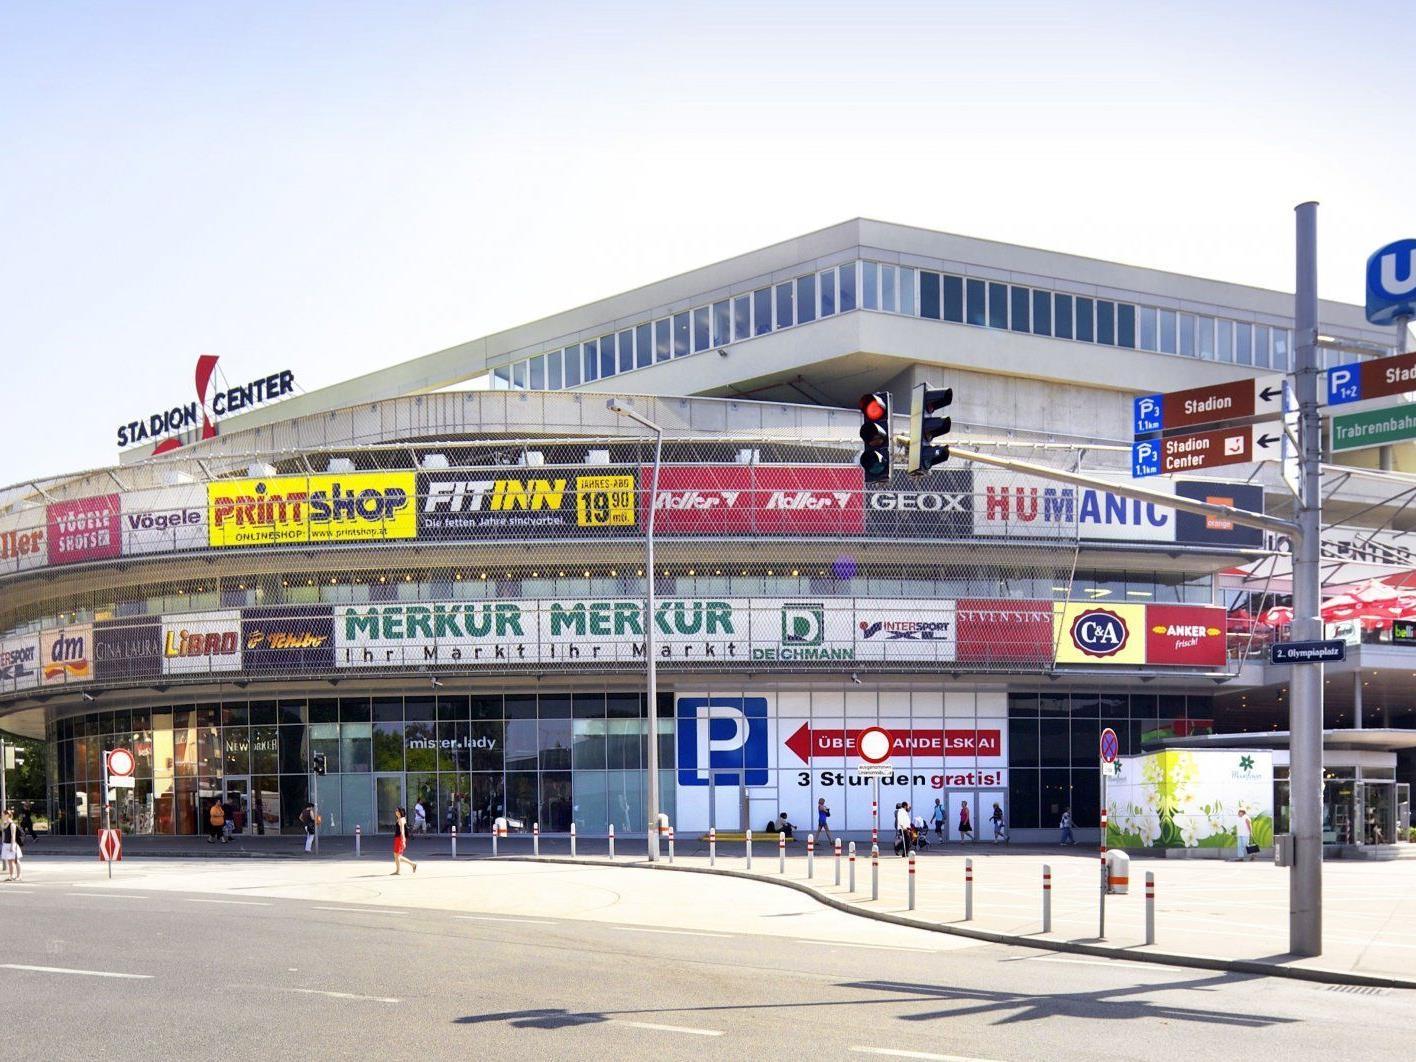 Das Stadioncenter öffnet seine Parkgarage für Derby-Besucher am 18. Februar.